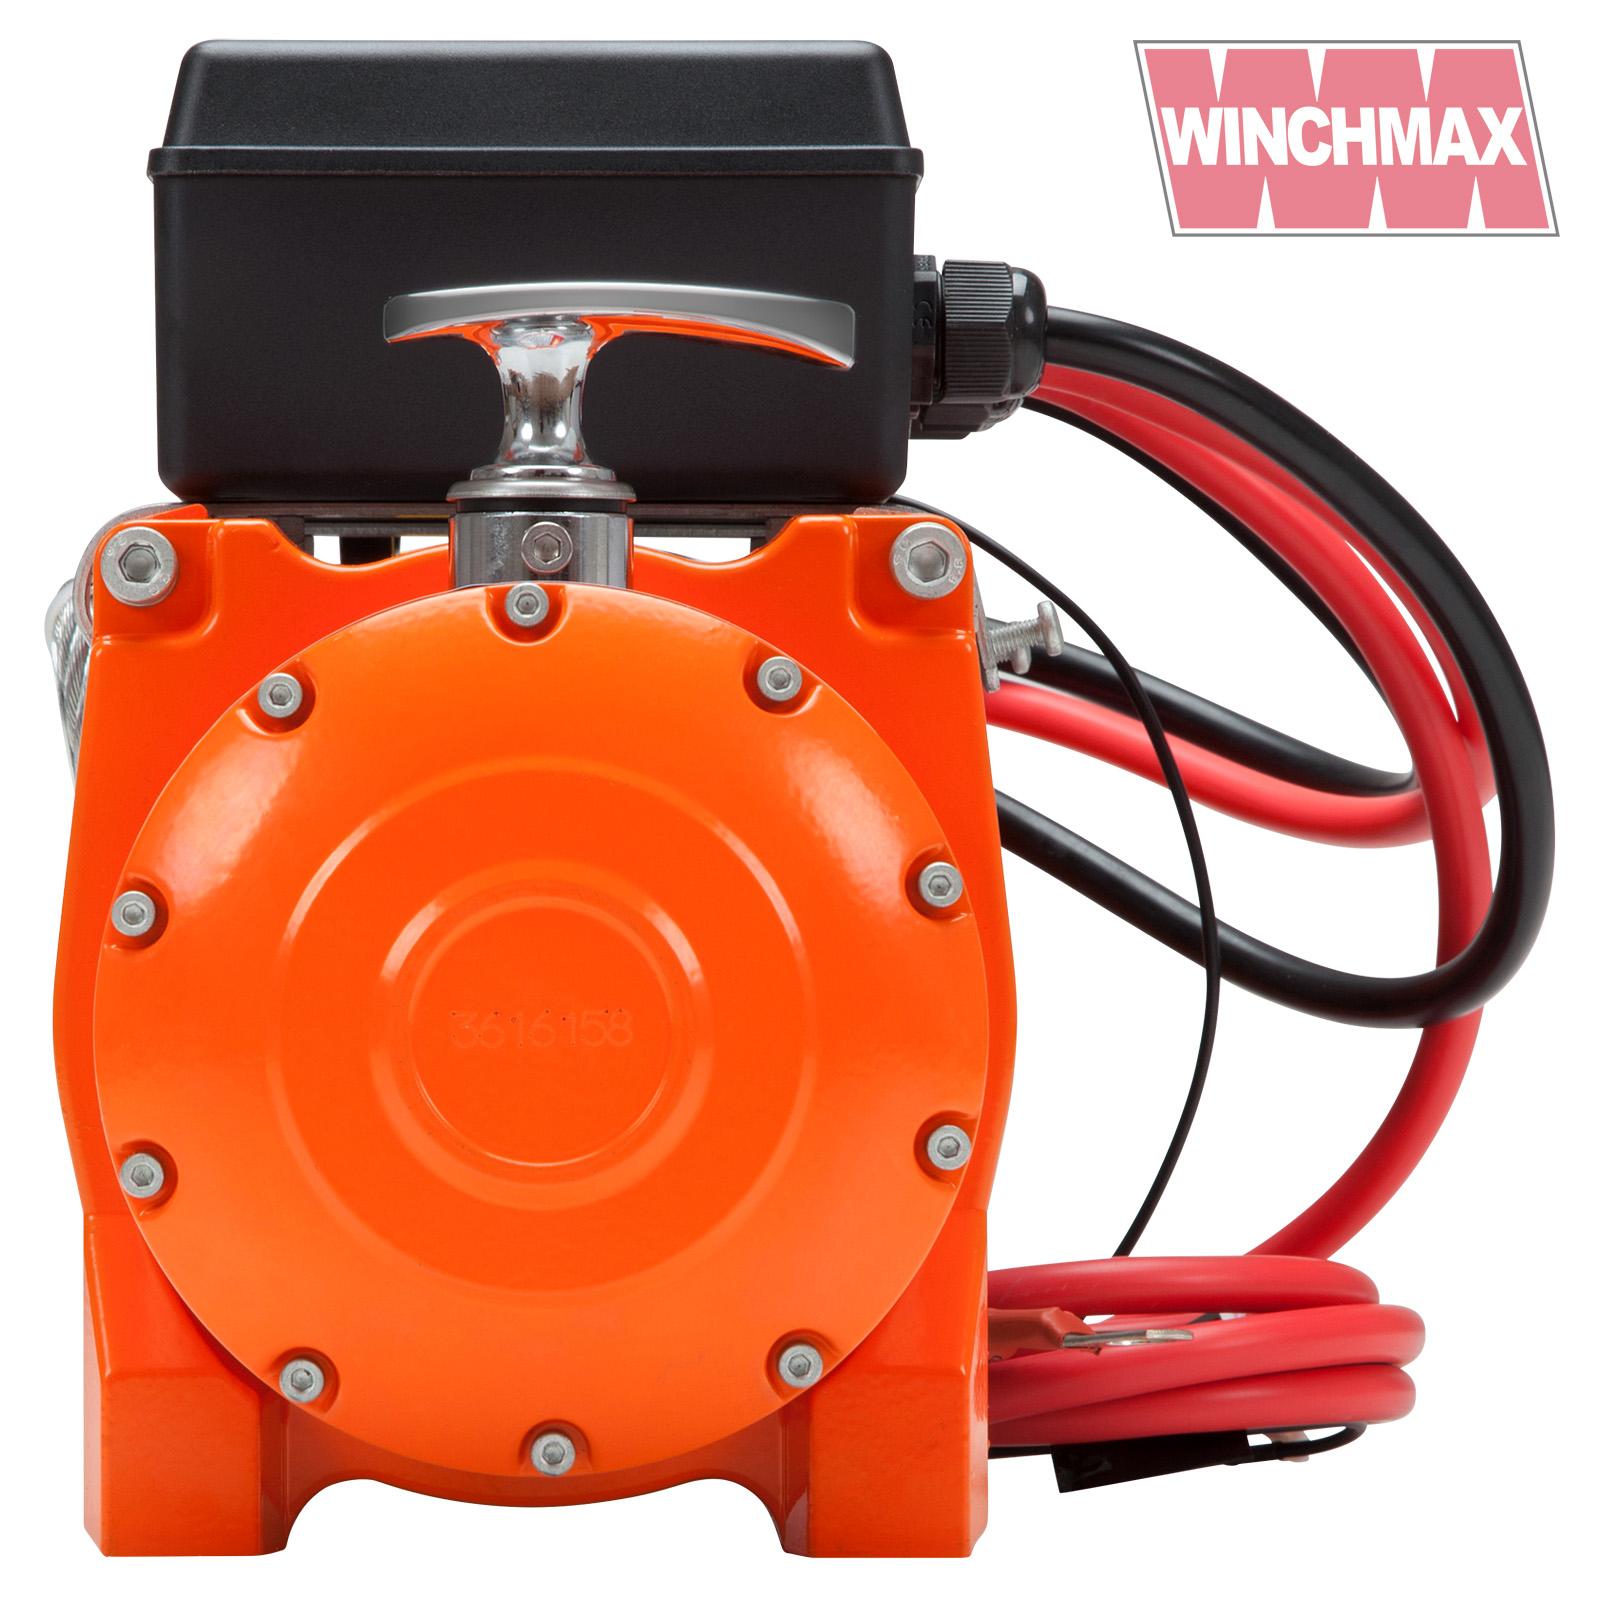 Wm1350024vr winchmax 07